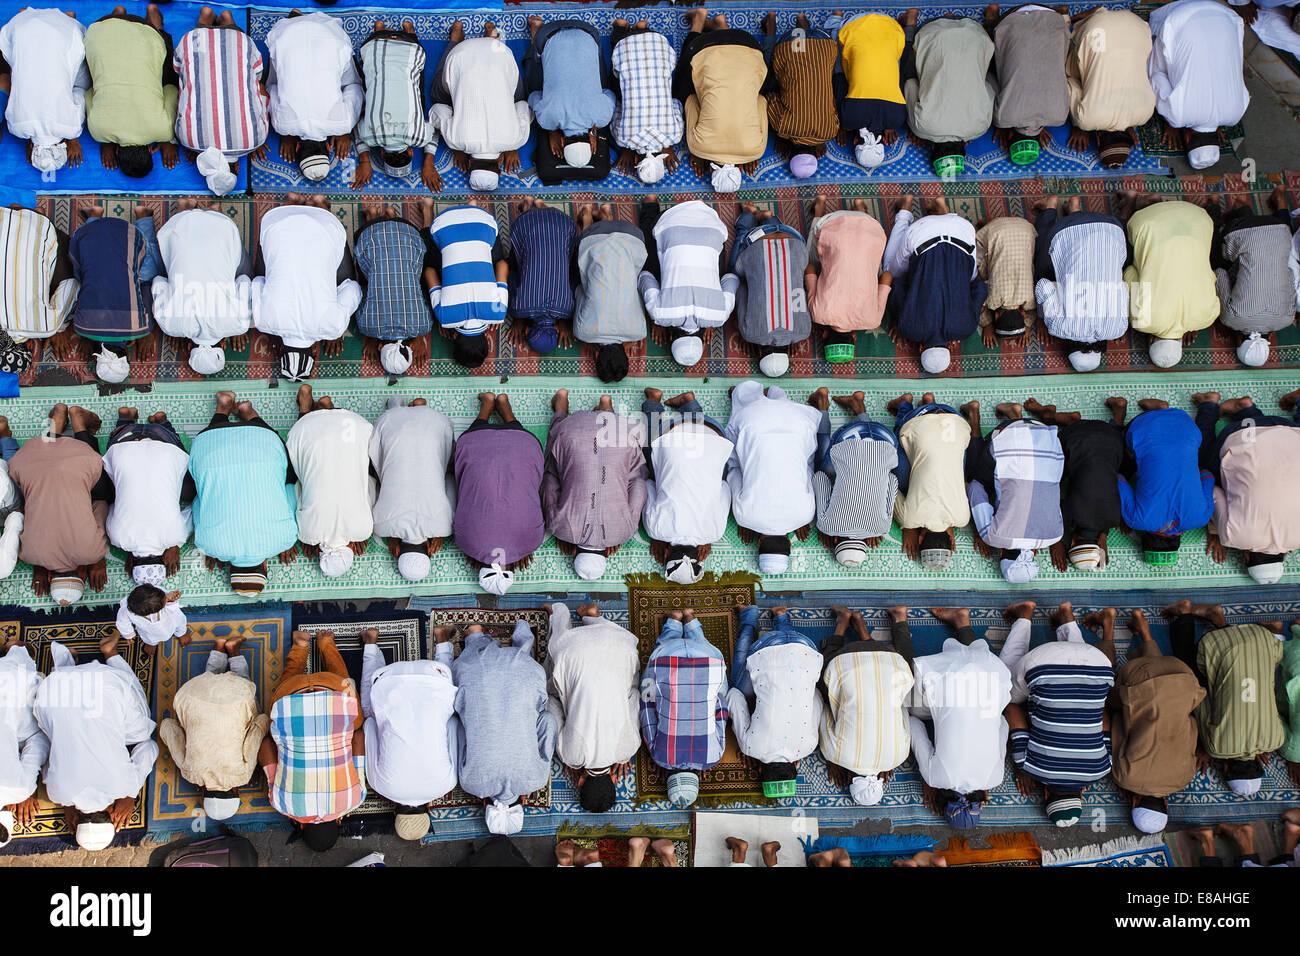 Muslim Friday salat prayer jumu'ah outside Jama Mosque masjid in Bandra, Mumbai, India. - Stock Image